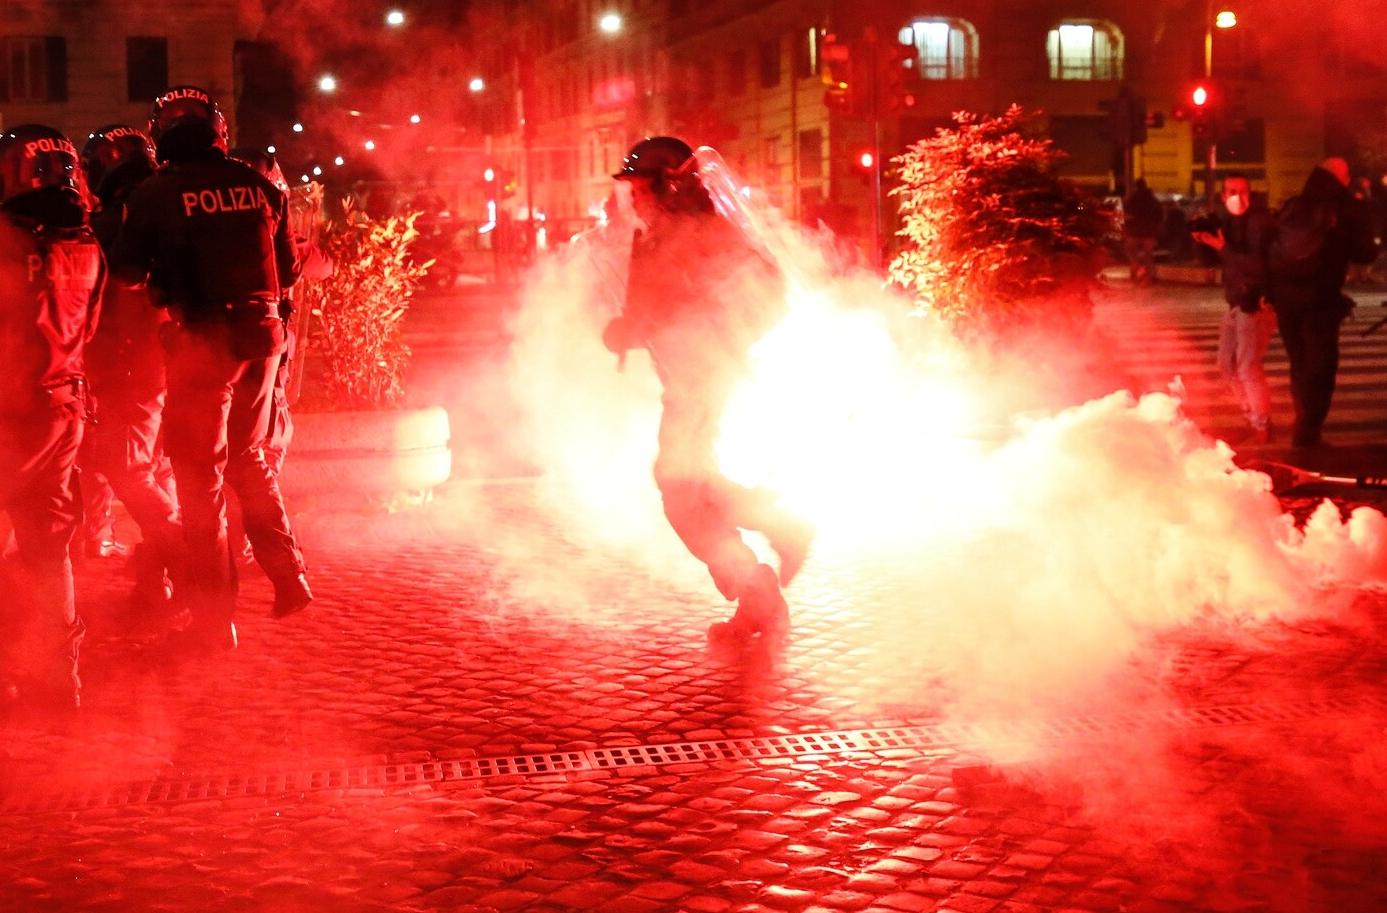 Coronavirus, bombe carte e scontri con polizia in piazza del Popolo a Roma, contro il lockdown